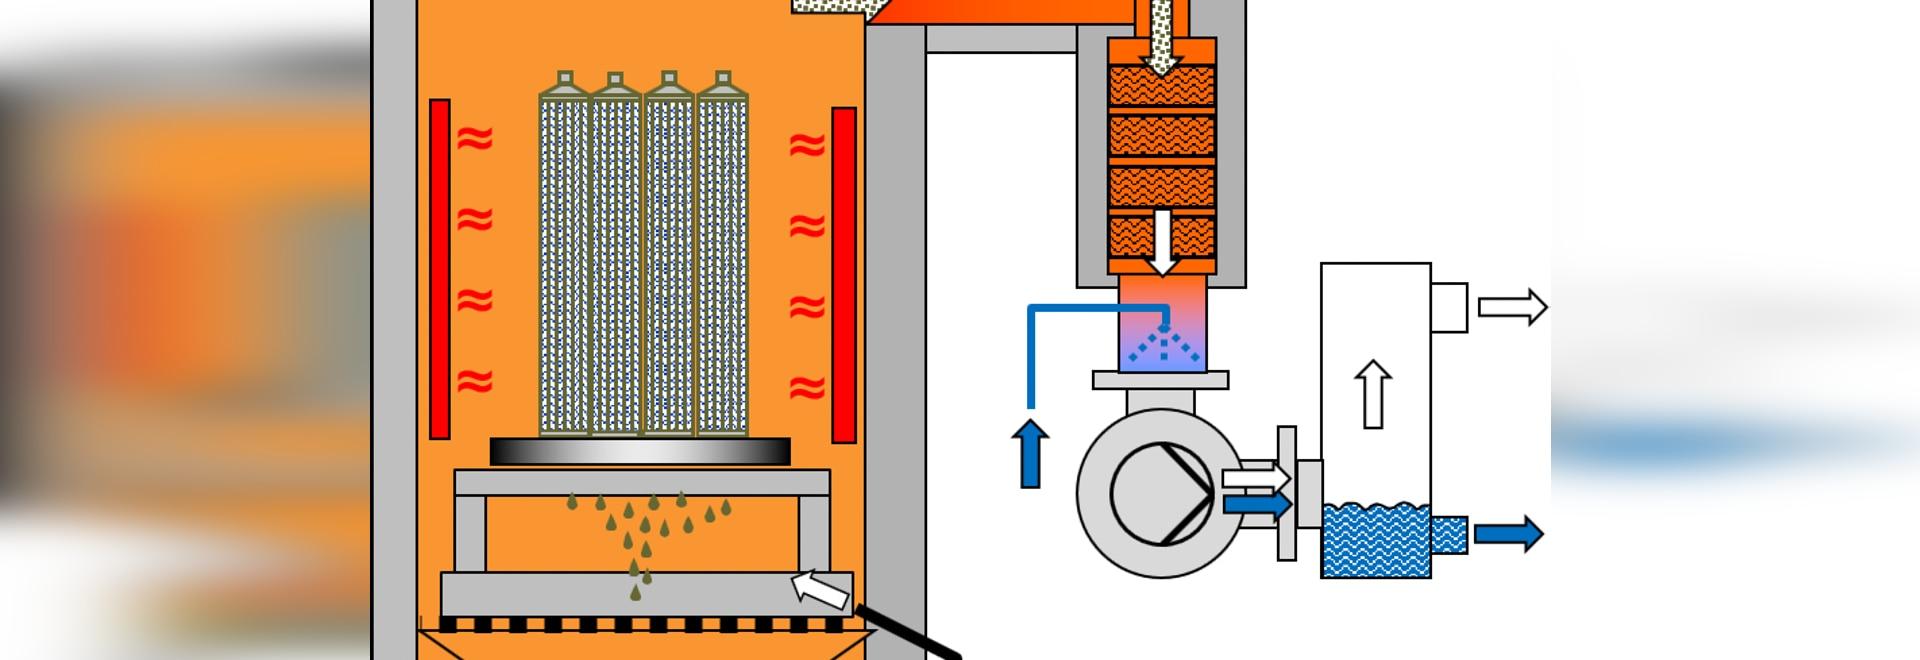 Principio de funcionamiento del sistema de pirólisis por vacío térmico VACUCLEAN de Schwing Technologies